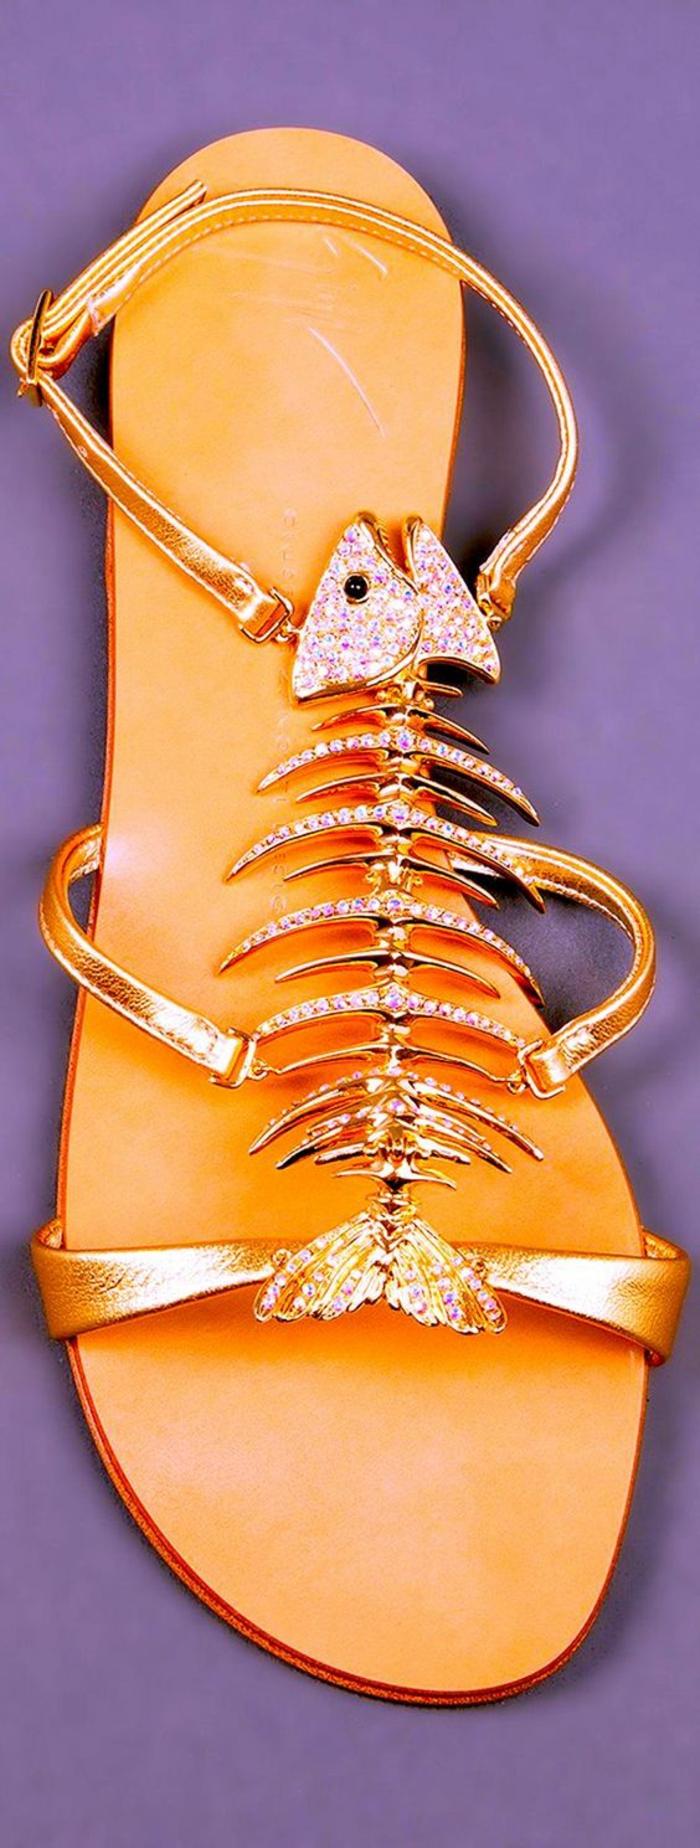 sandale femme avec motif décoratif motif arete de poisson finition métal brillant or